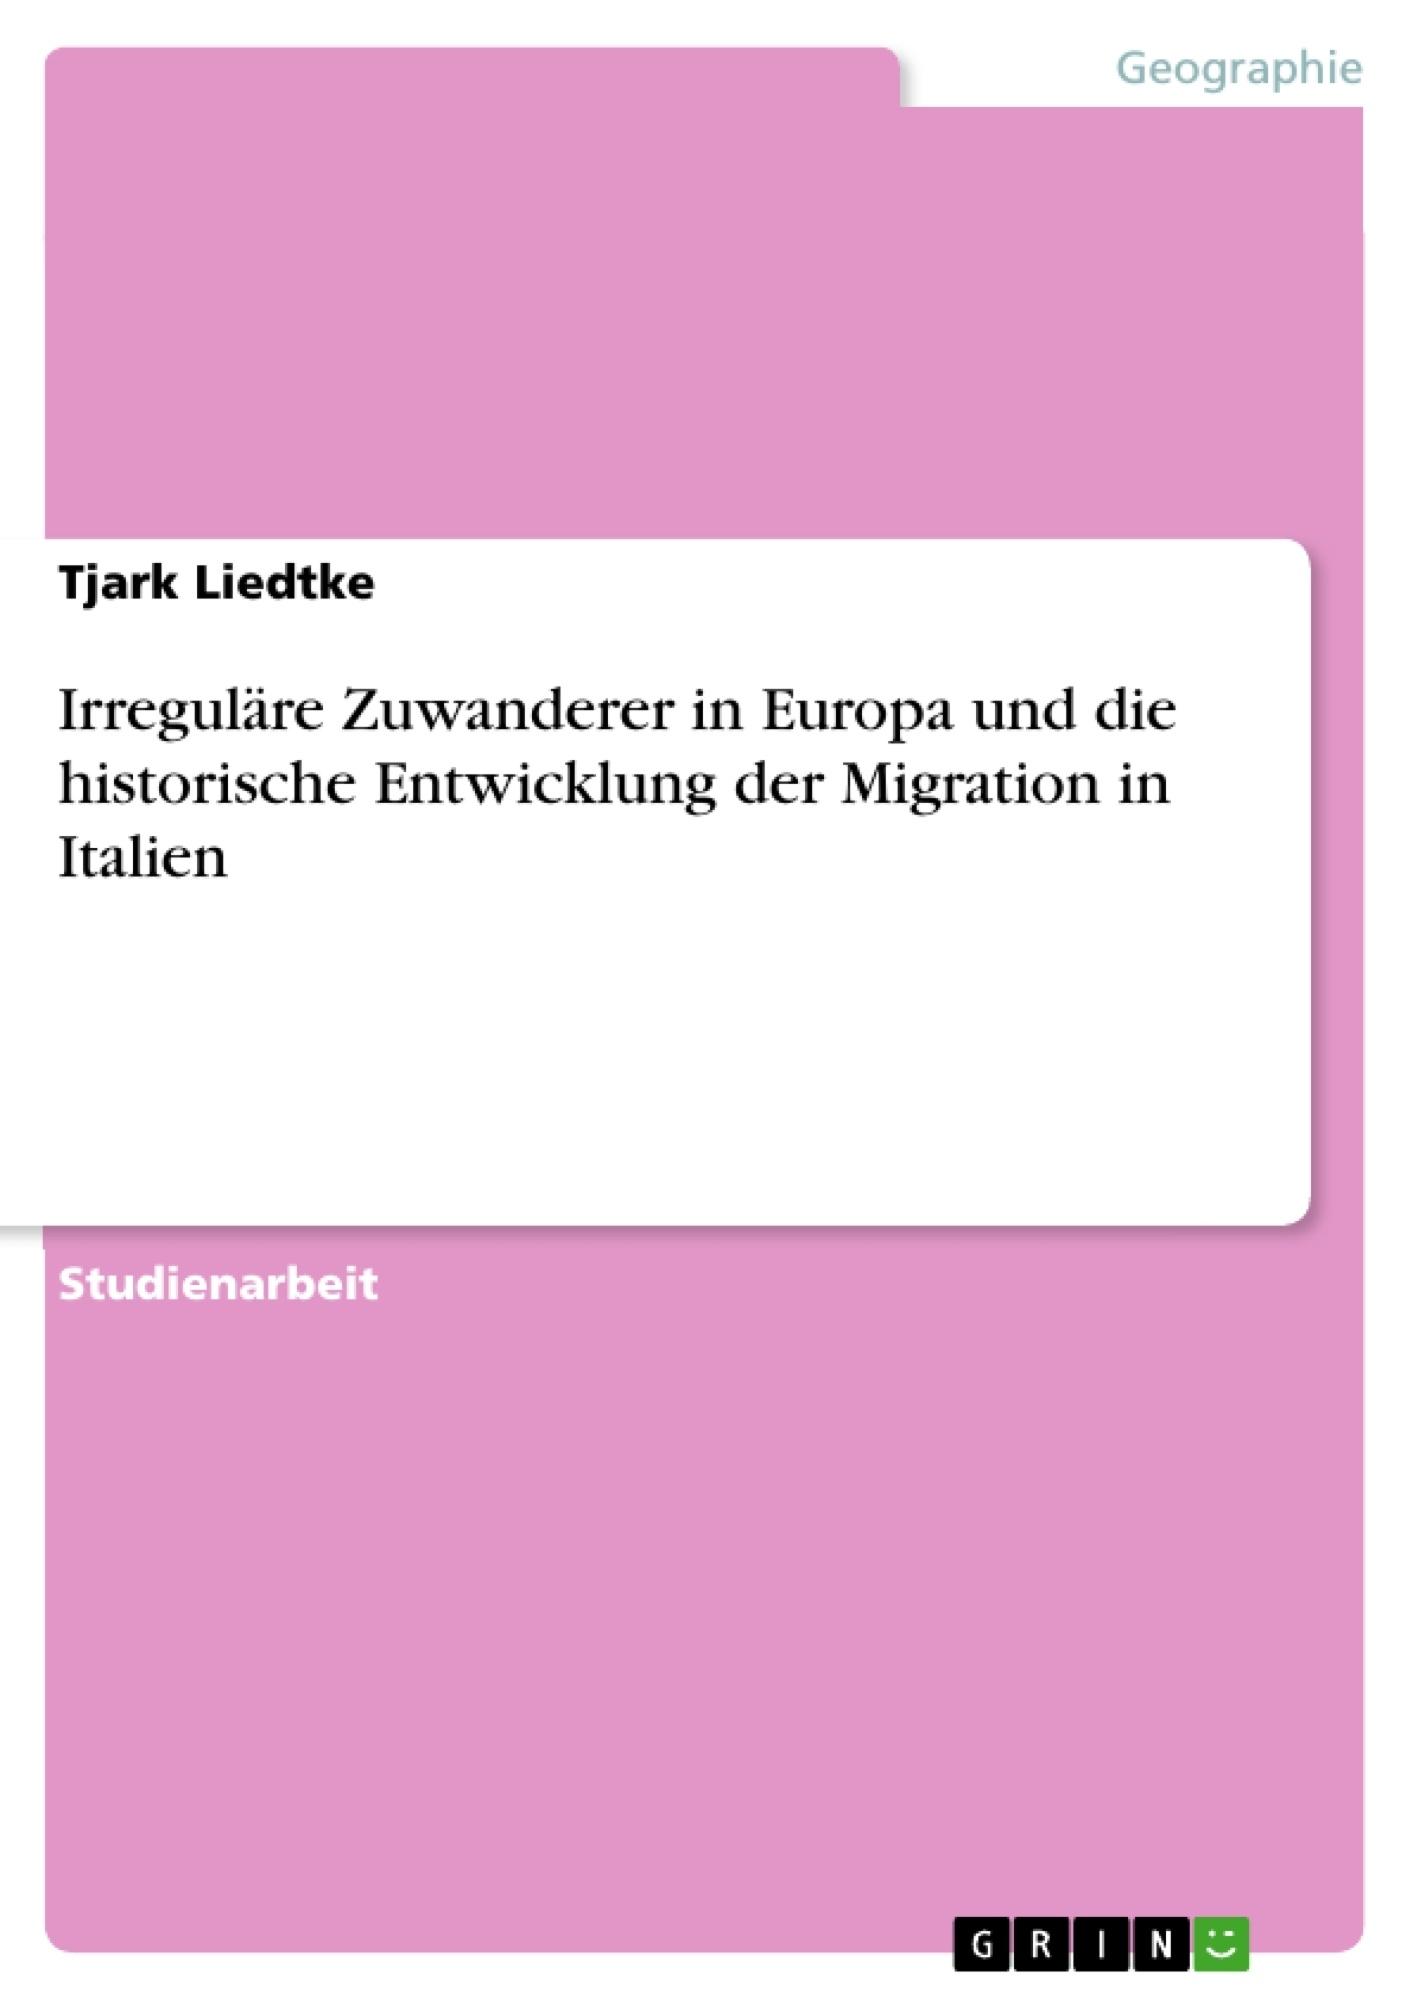 Titel: Irreguläre Zuwanderer in Europa und die historische Entwicklung der Migration in Italien